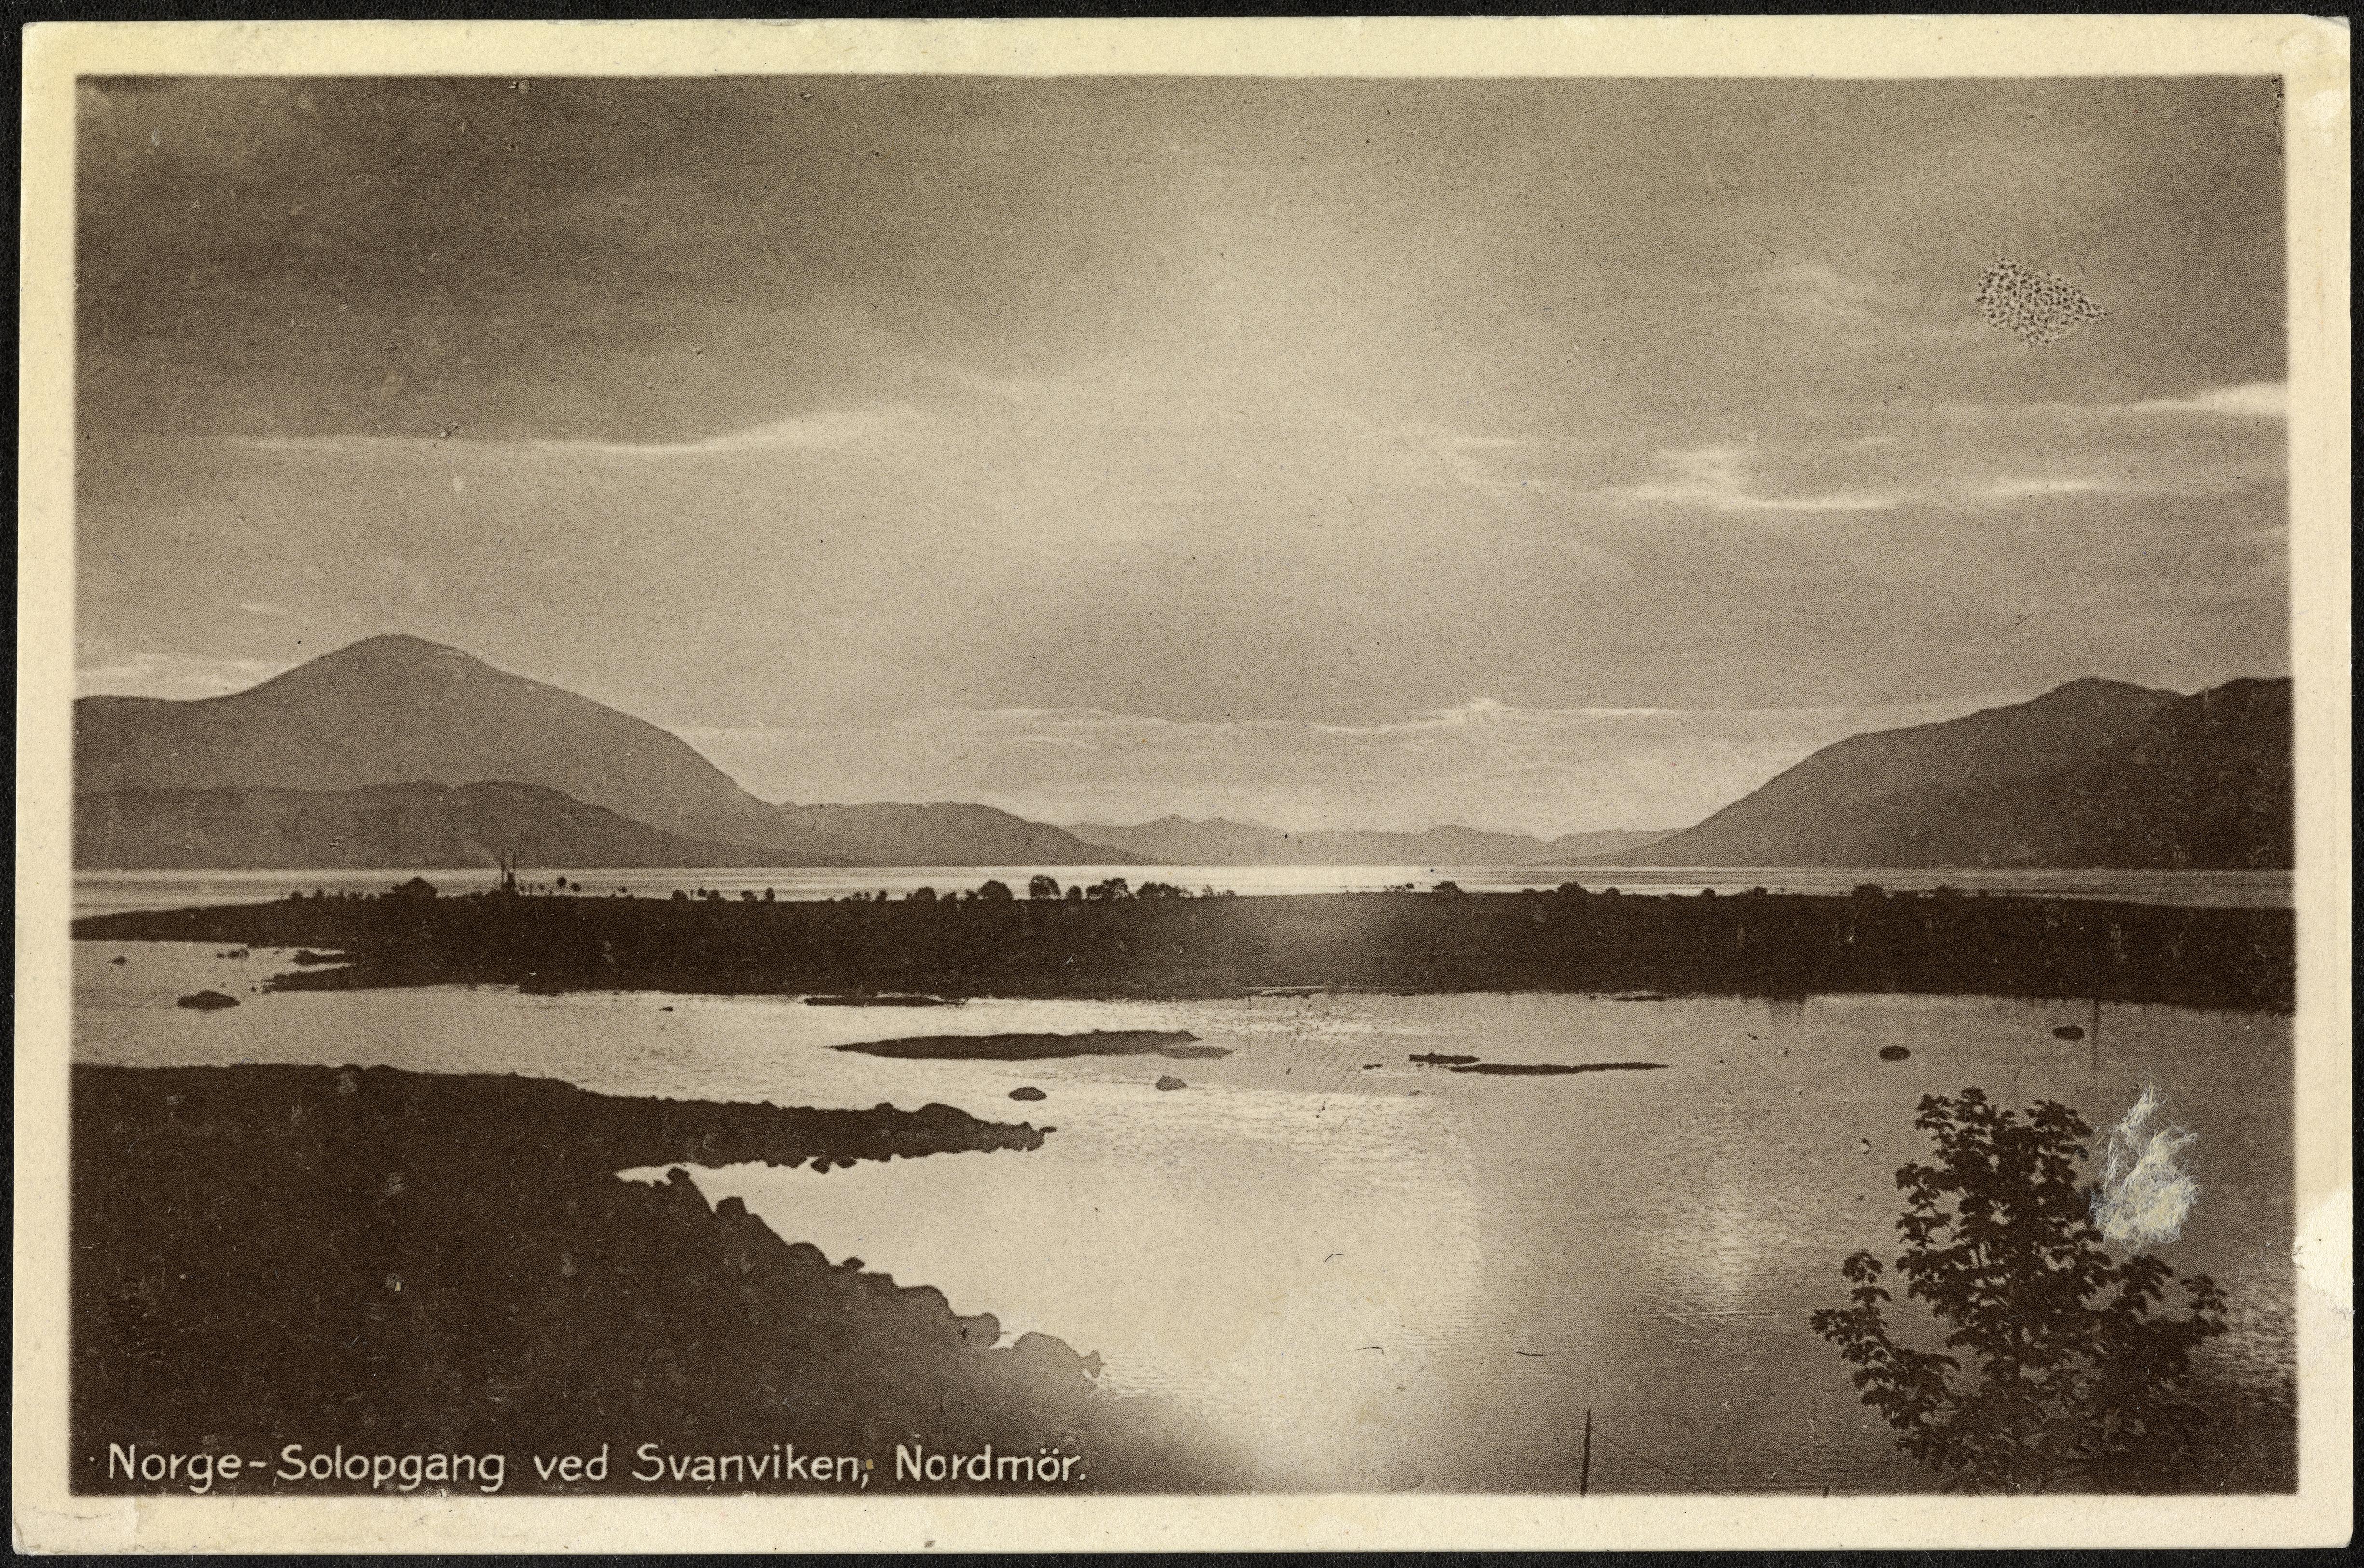 No. 43. Norge - Solopgang ved Svanviken, Nordmør